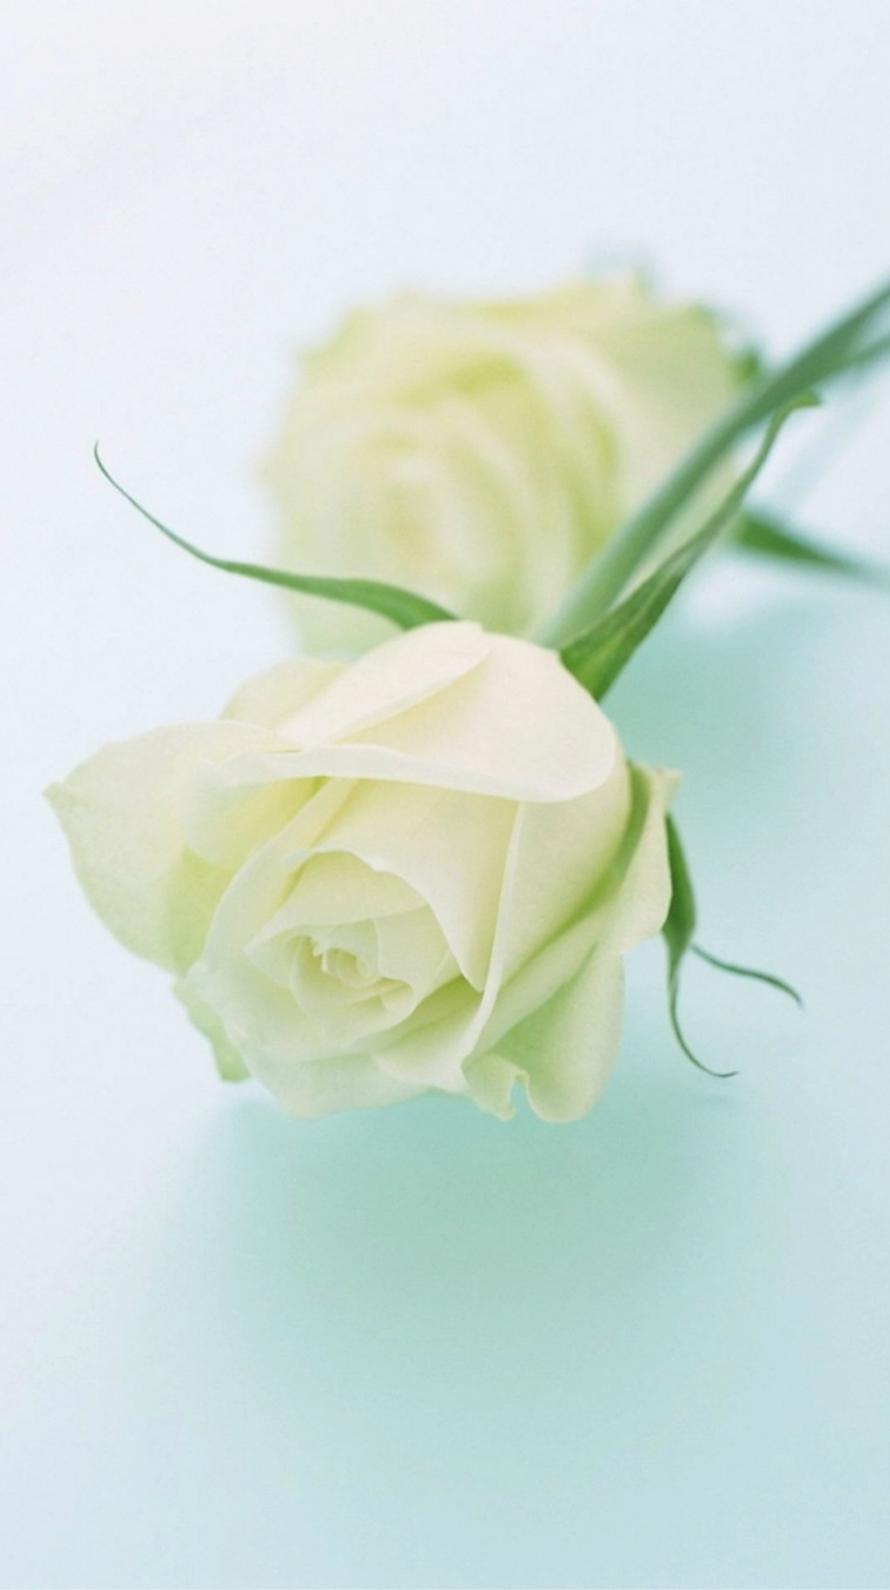 白い薔薇 Iphone6壁紙 Wallpaperbox